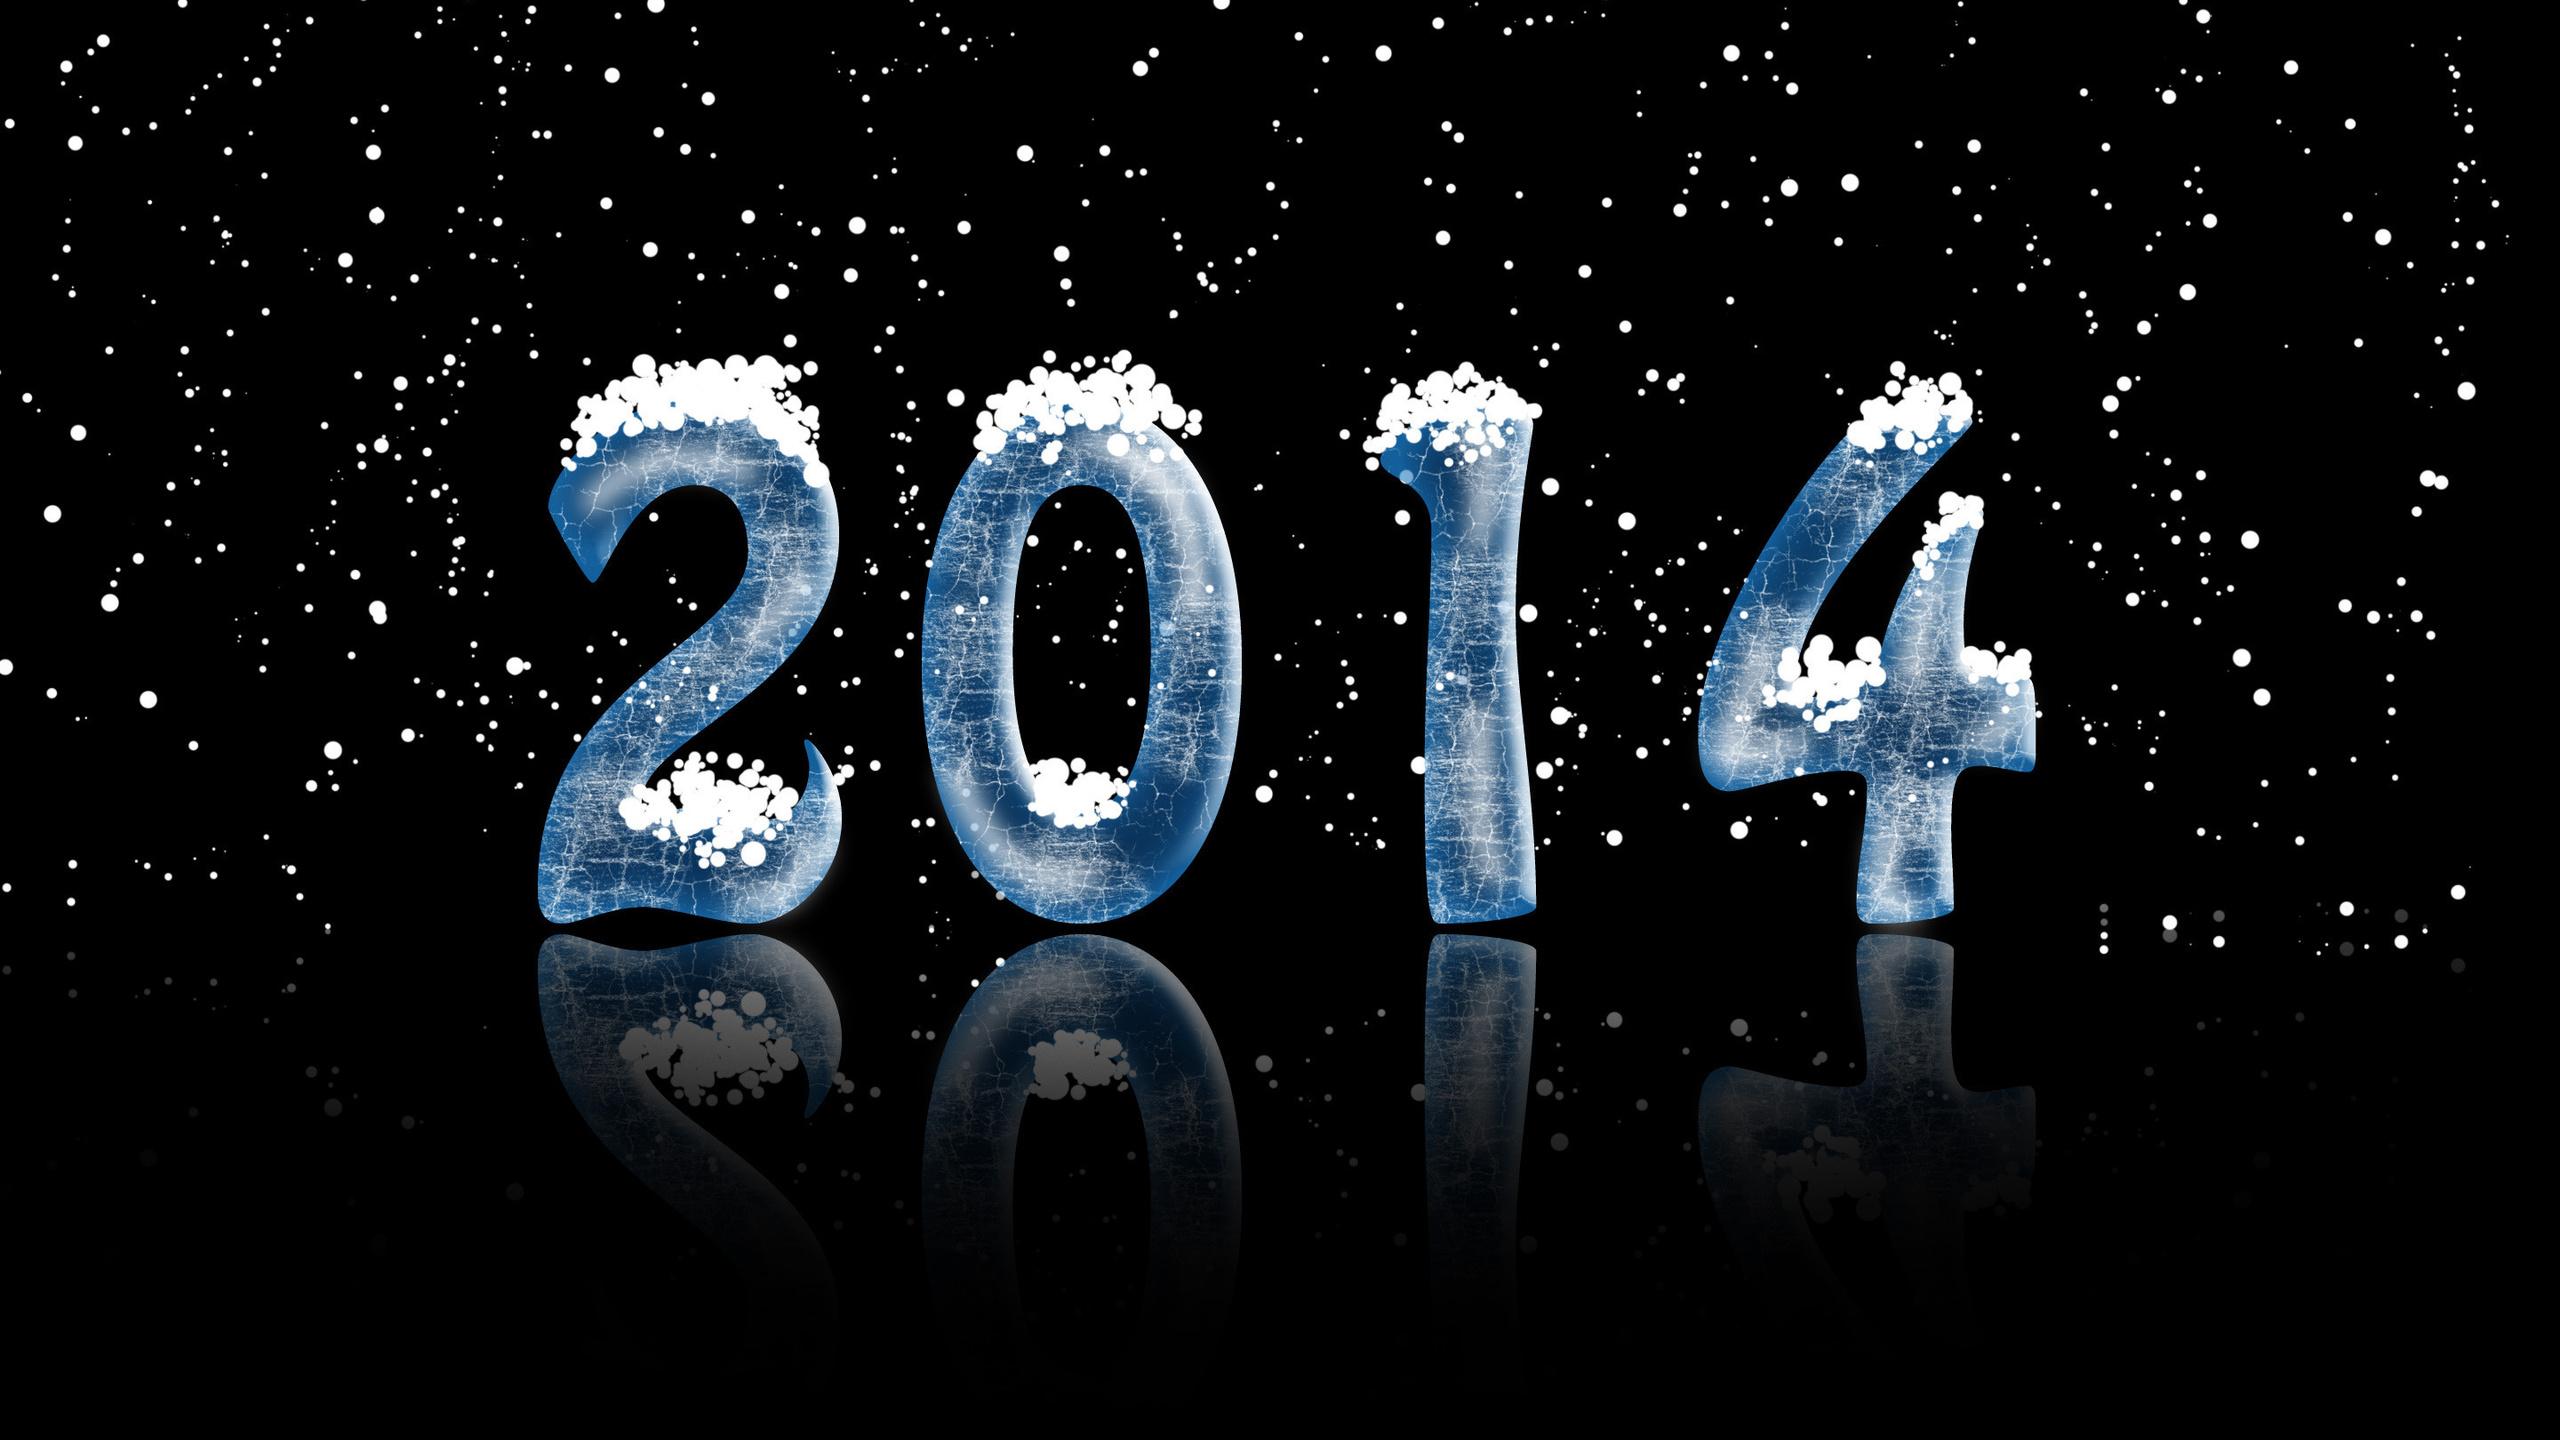 Открытки в новый год 2011 смотреть онлайн, людмиле как сделать